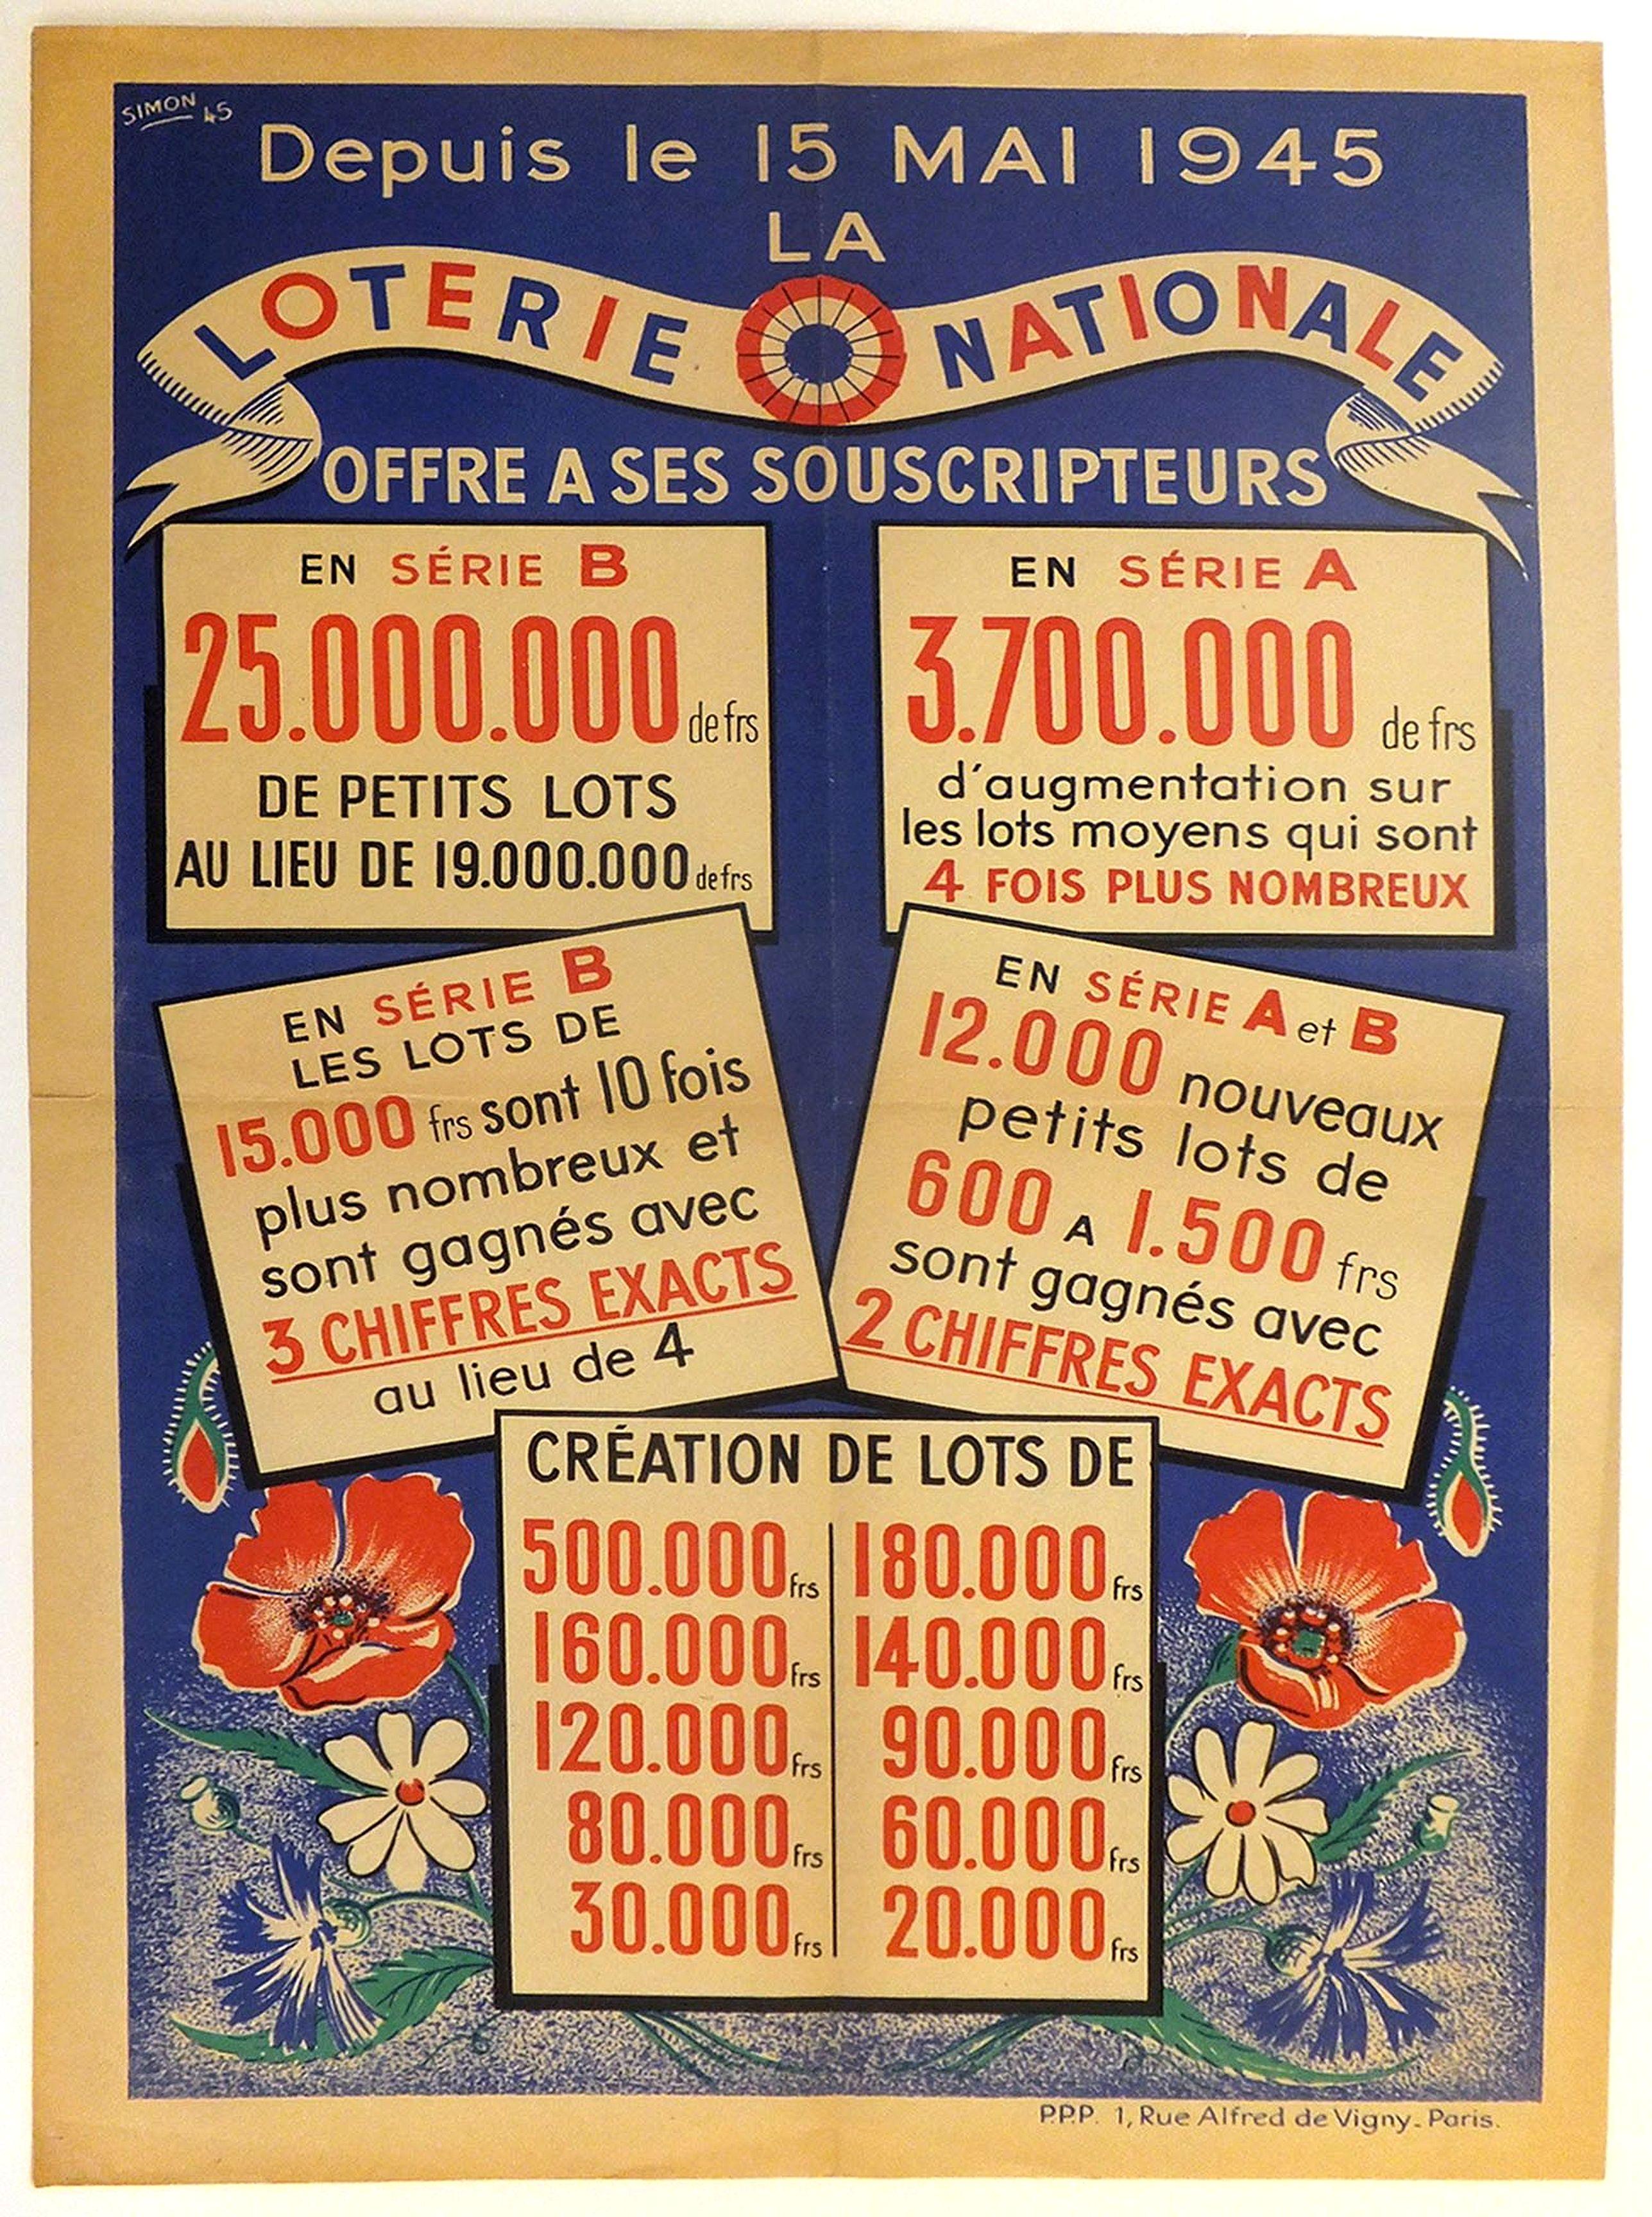 SIMON. -  Depuis le 15 mai 1945 la Loterie Nationale offre à ses souscripteurs. . .